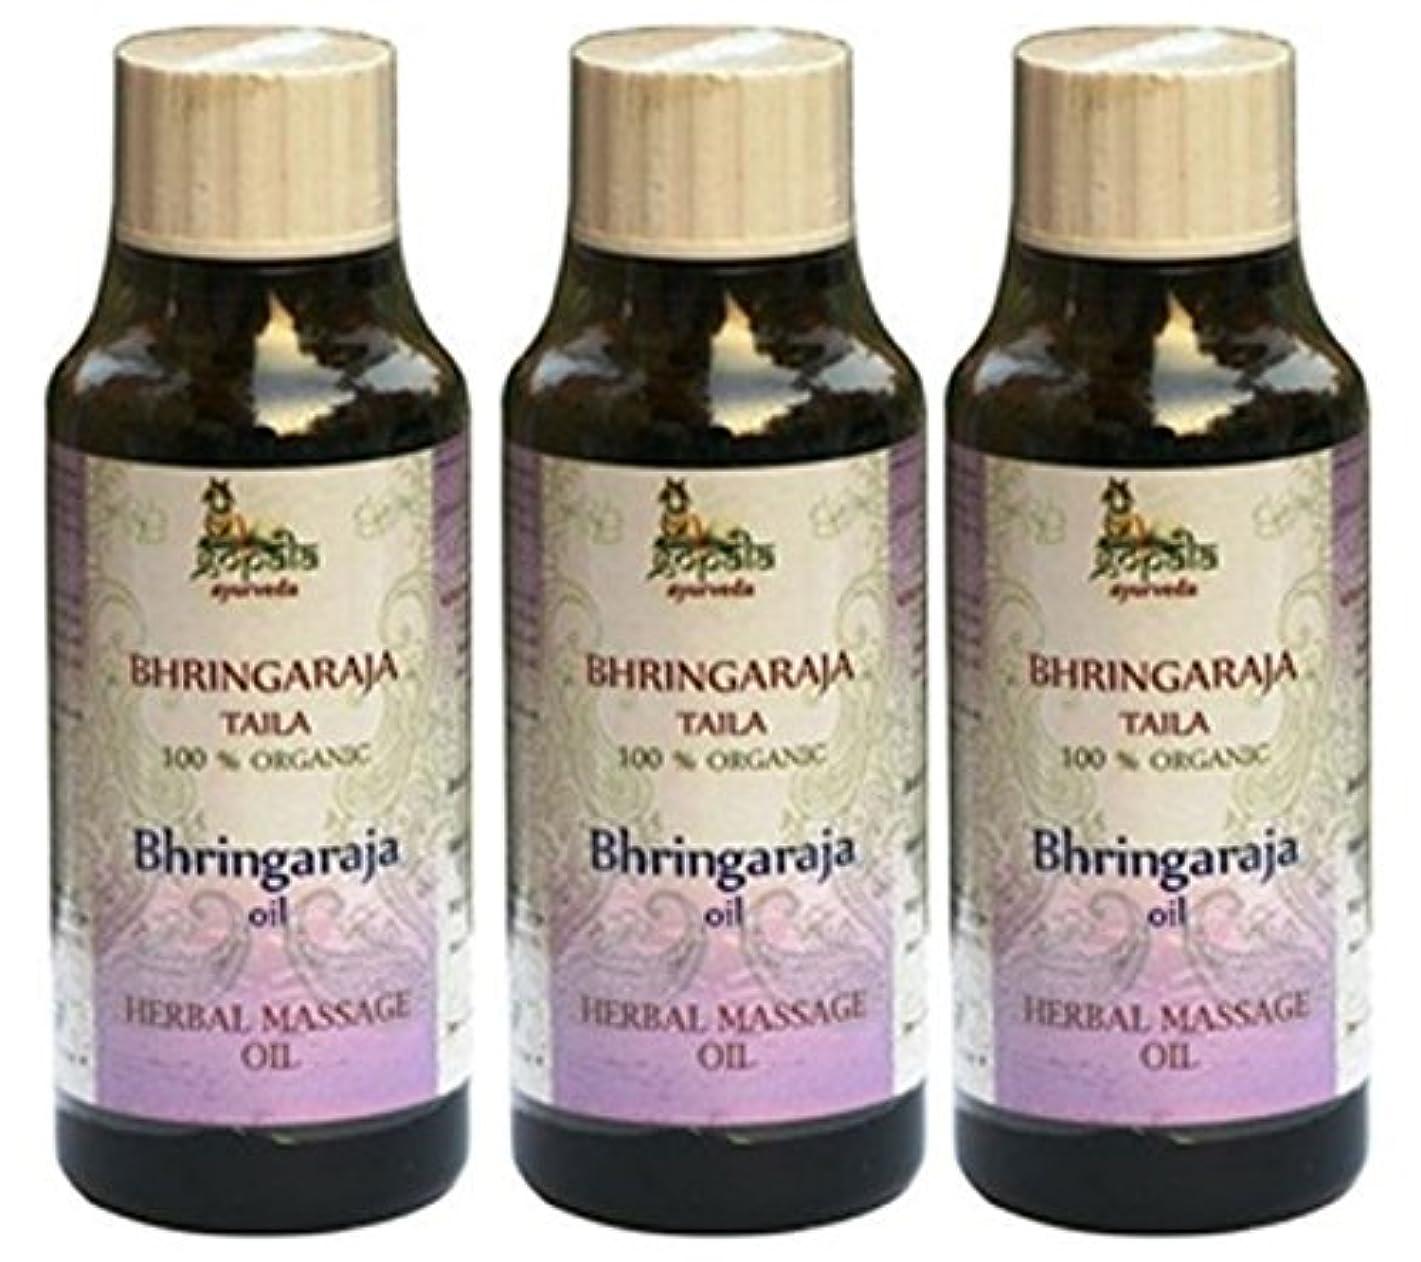 アーティスト夕方こねるBhringraja Oil - 100% USDA CERTIFIED ORGANIC - Ayurvedic Hair Massage Oil - 150ml (Pack of 3) - EXPEDITED DELIVERY